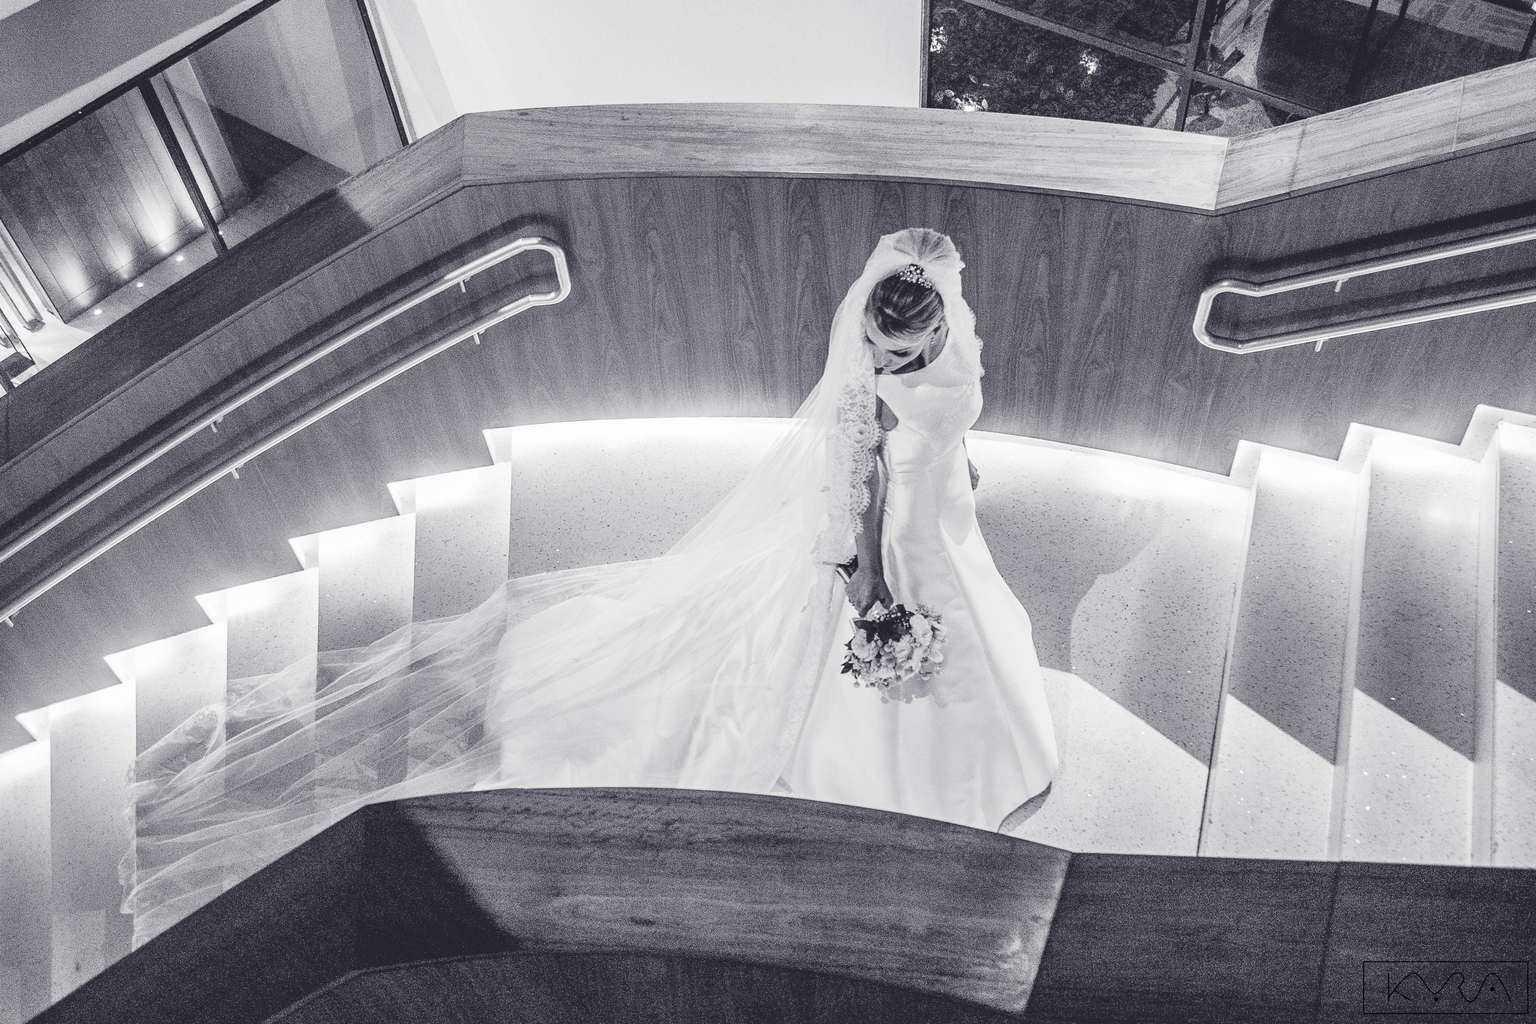 ana-carolina-e-bernardo-Anna-Carolina-Werneck-beleza-da-noiva-casamento-tradicional-Gavea-Golf-Club-Kyra-Mirsky-making-of-mini-wedding-verde-e-rosa-casamento-49